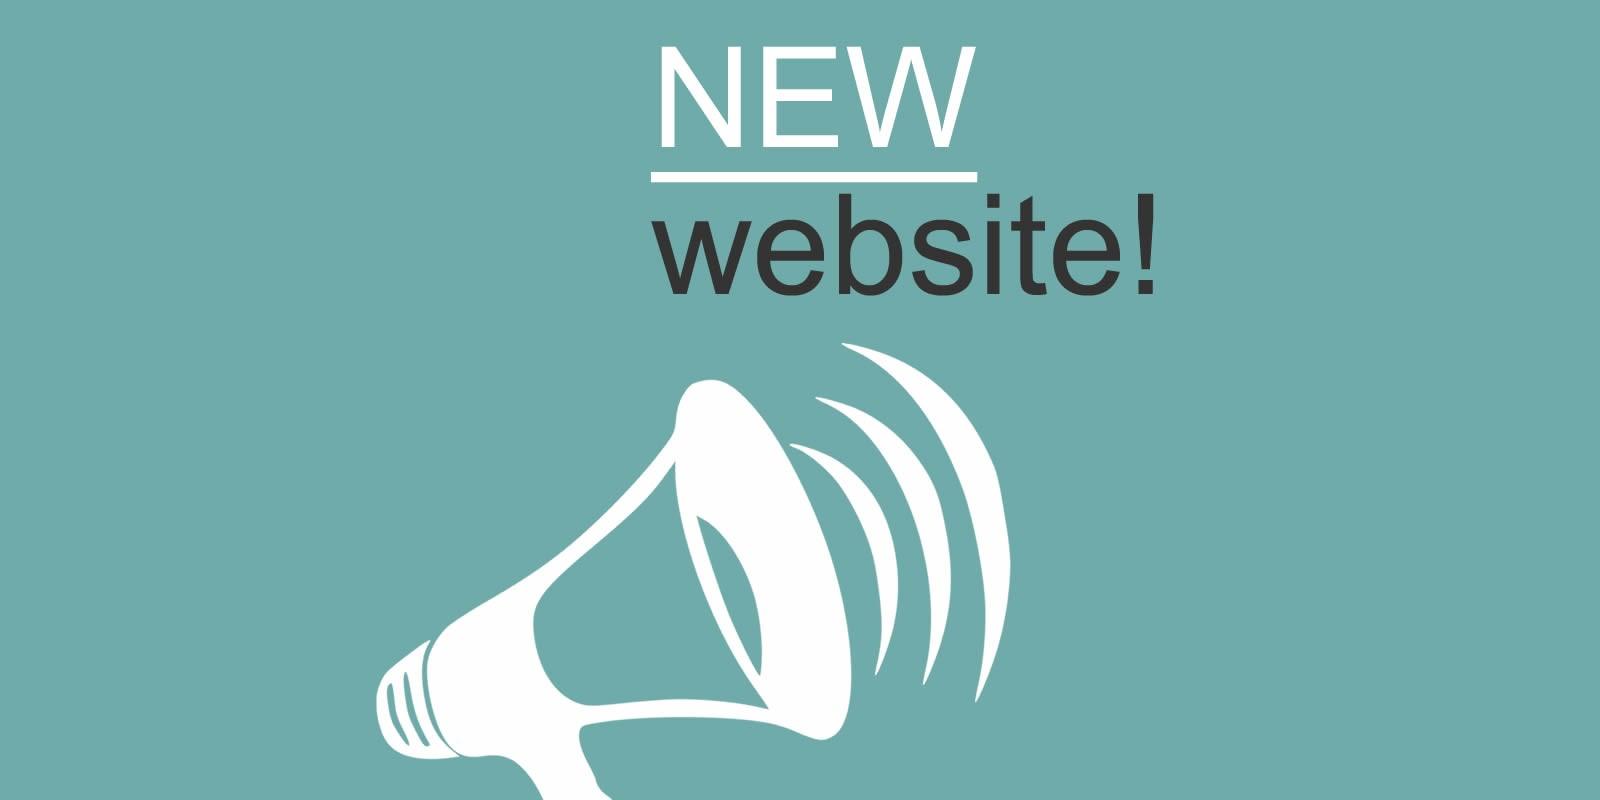 Nuovo sito web! Scopri la nuova immagine web di ROUND studio - foto 1